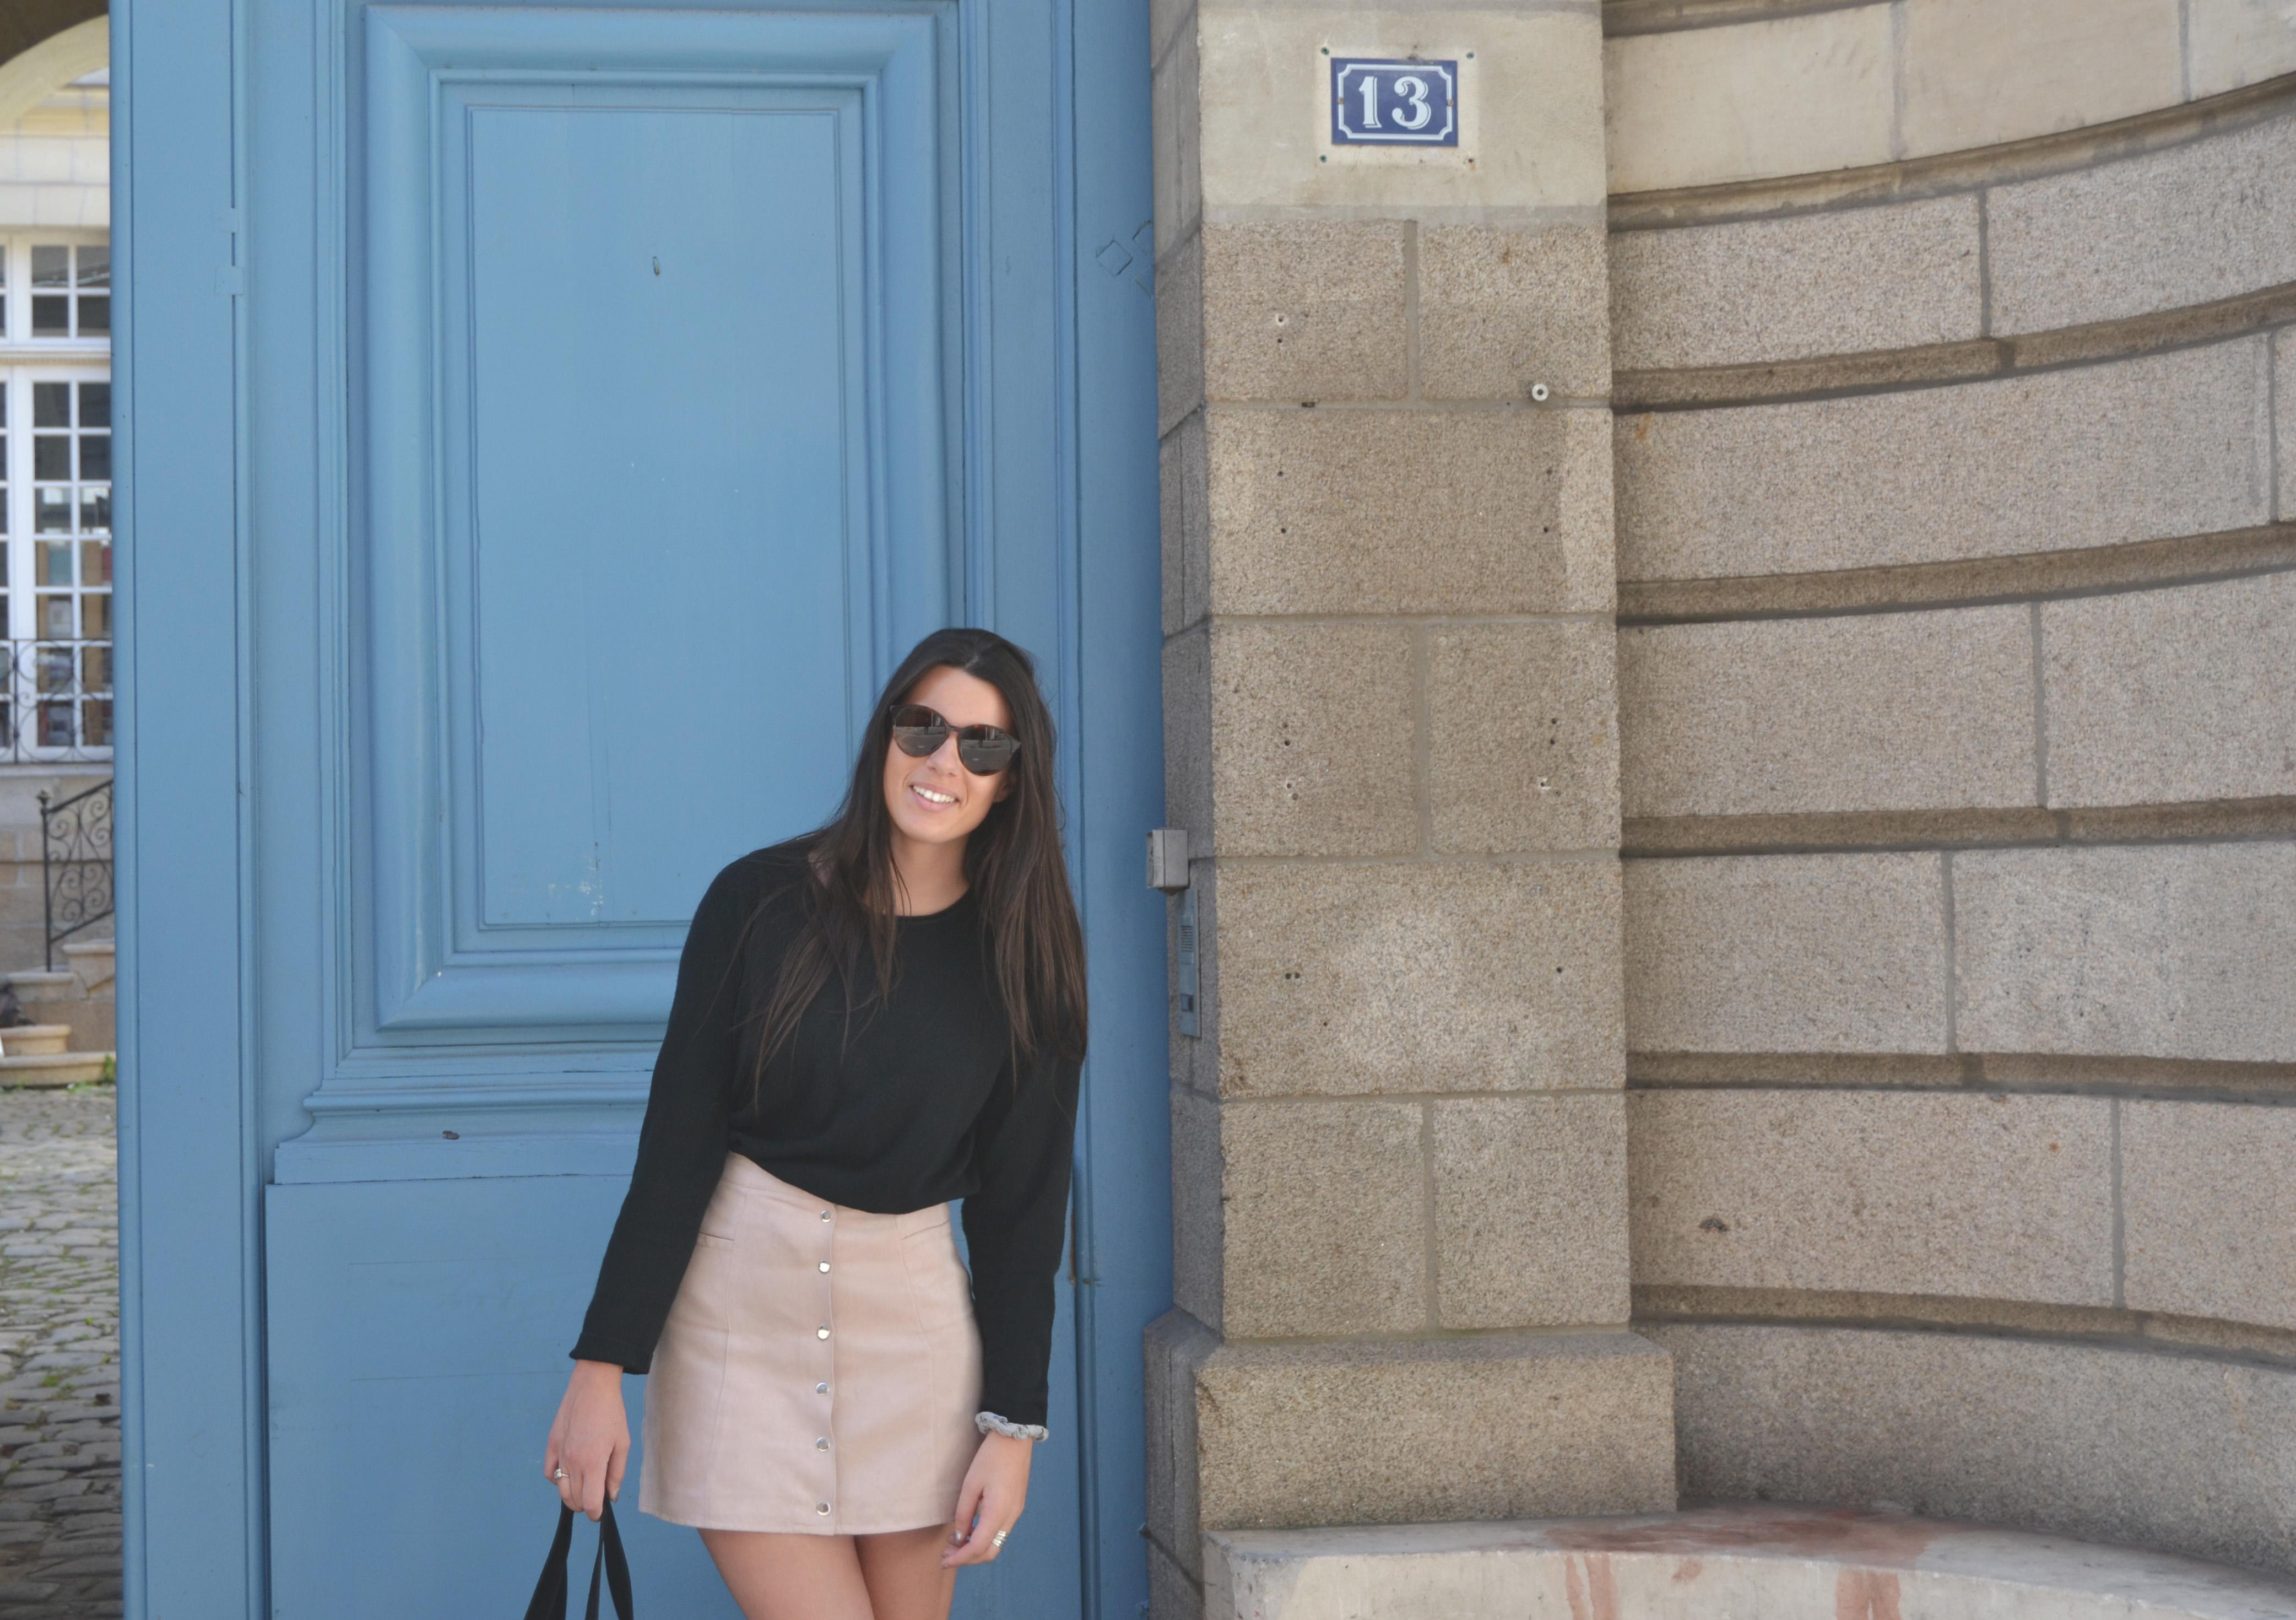 De rose et de bleu - ma jupe rose